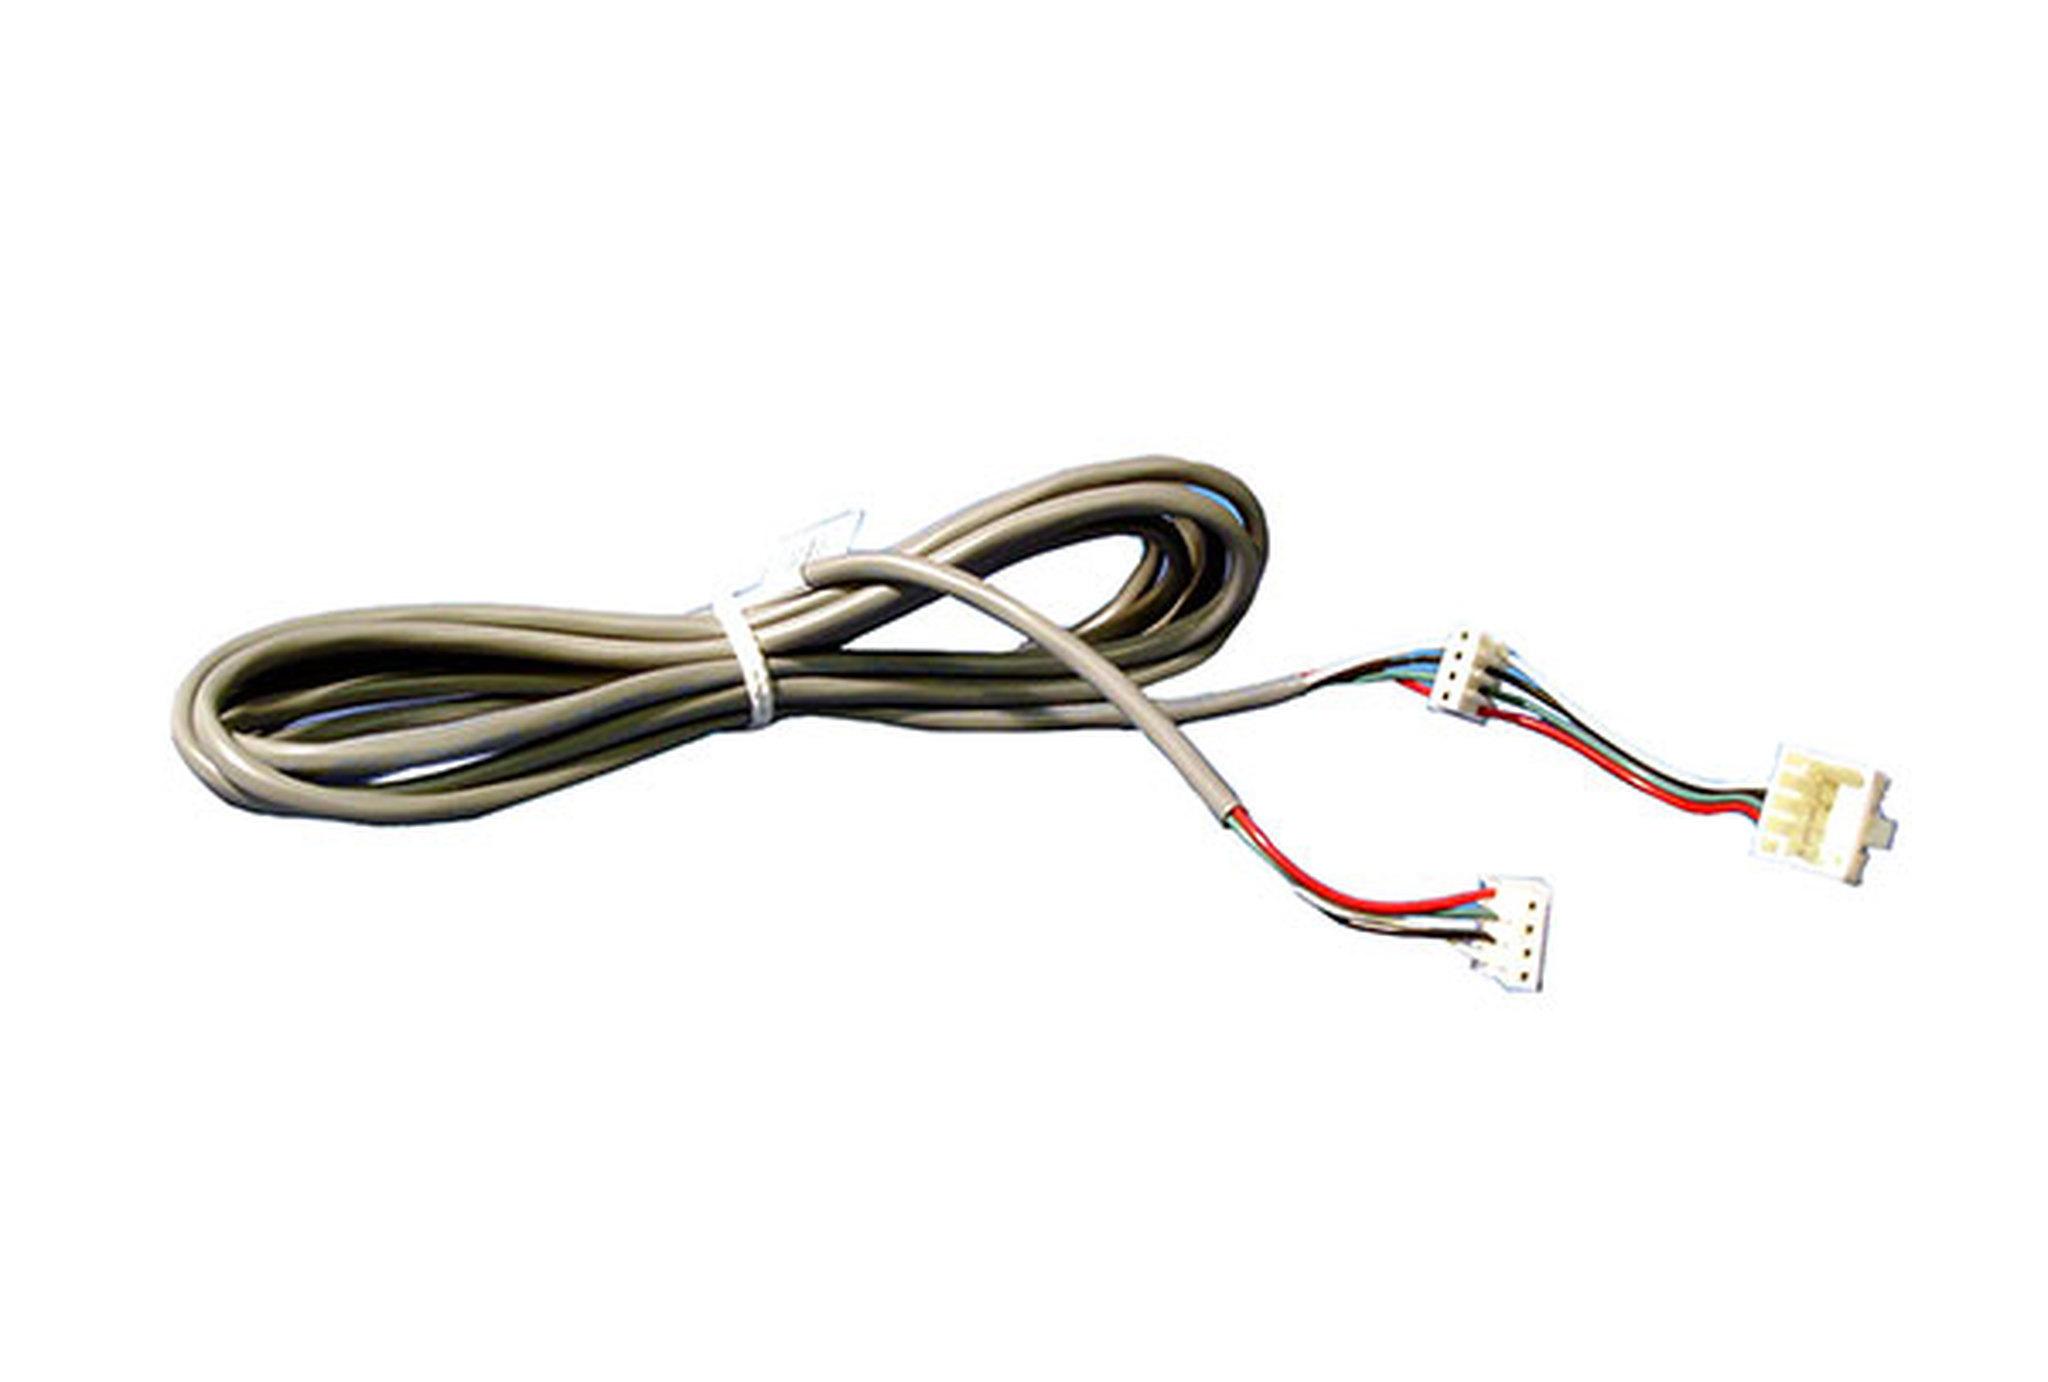 Spa PCB Cables & Accessories